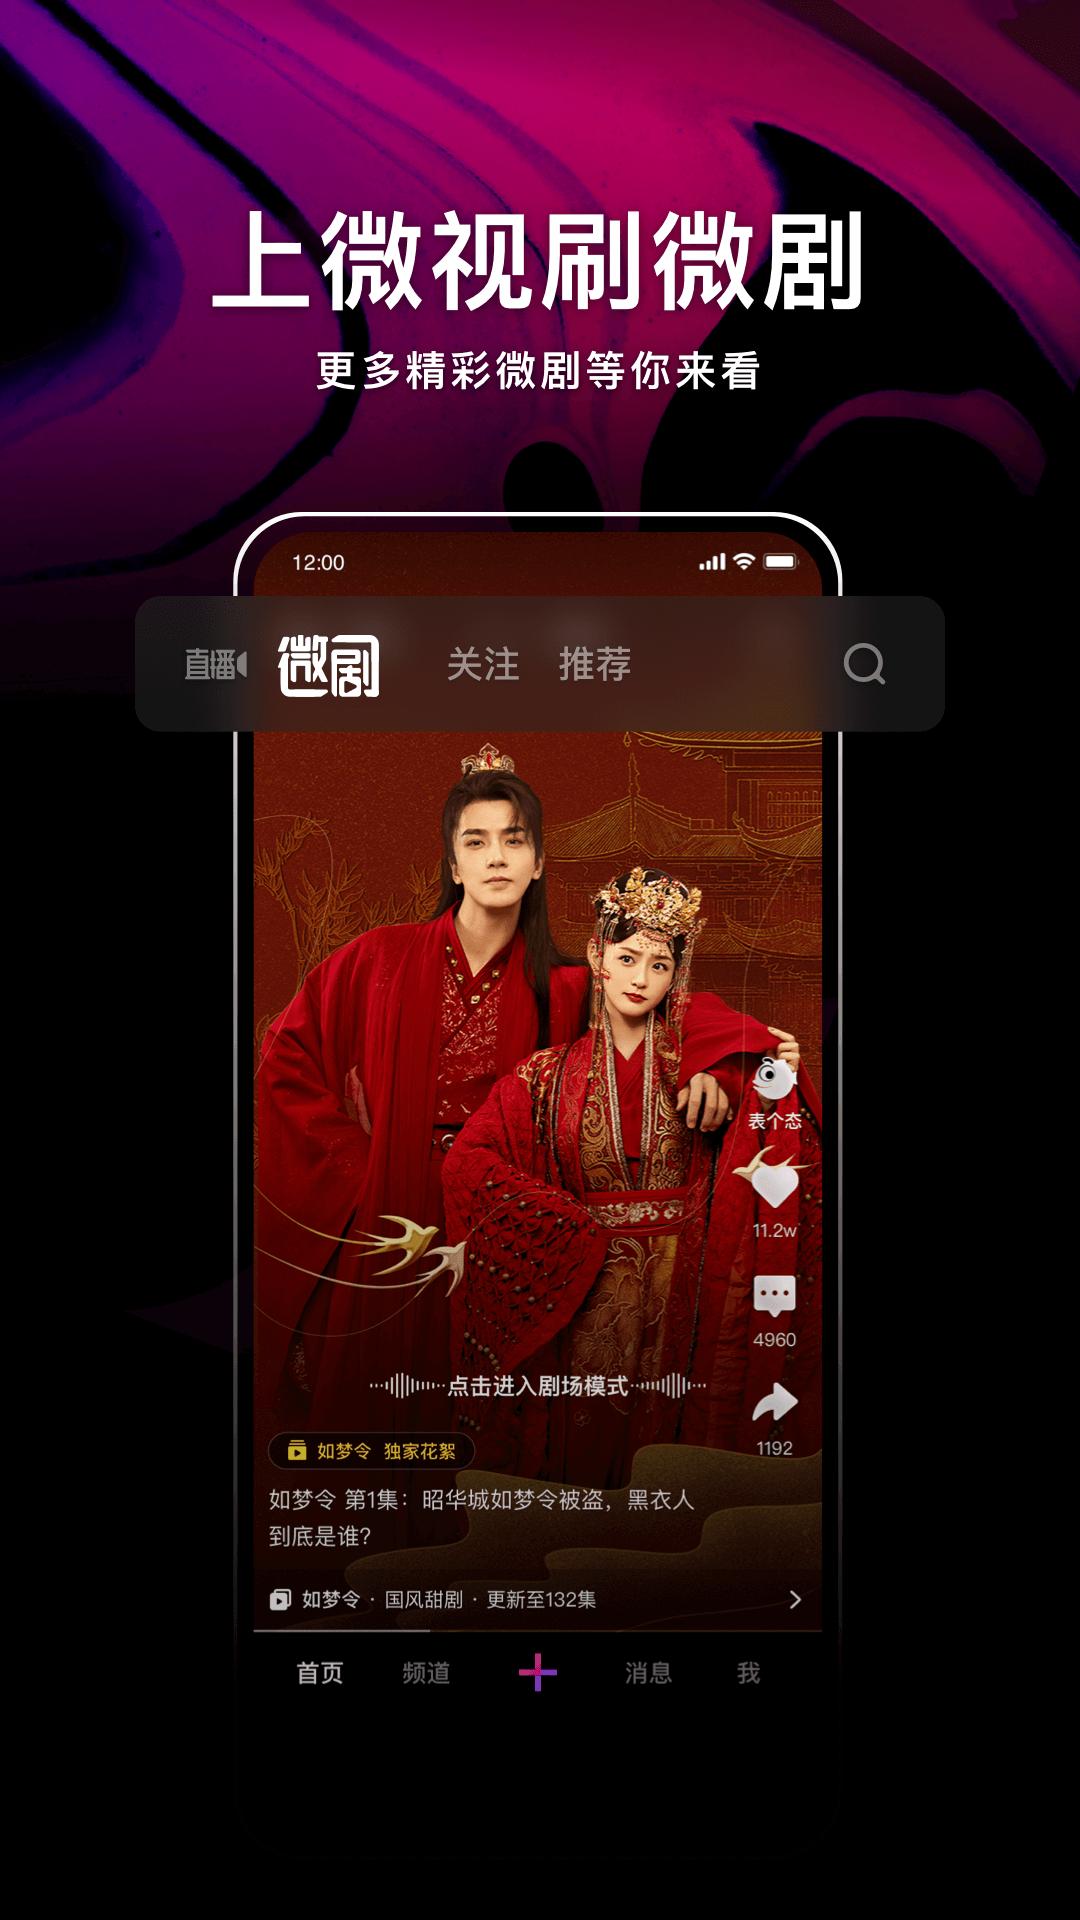 腾讯微视appv8.32.0.588 安卓版